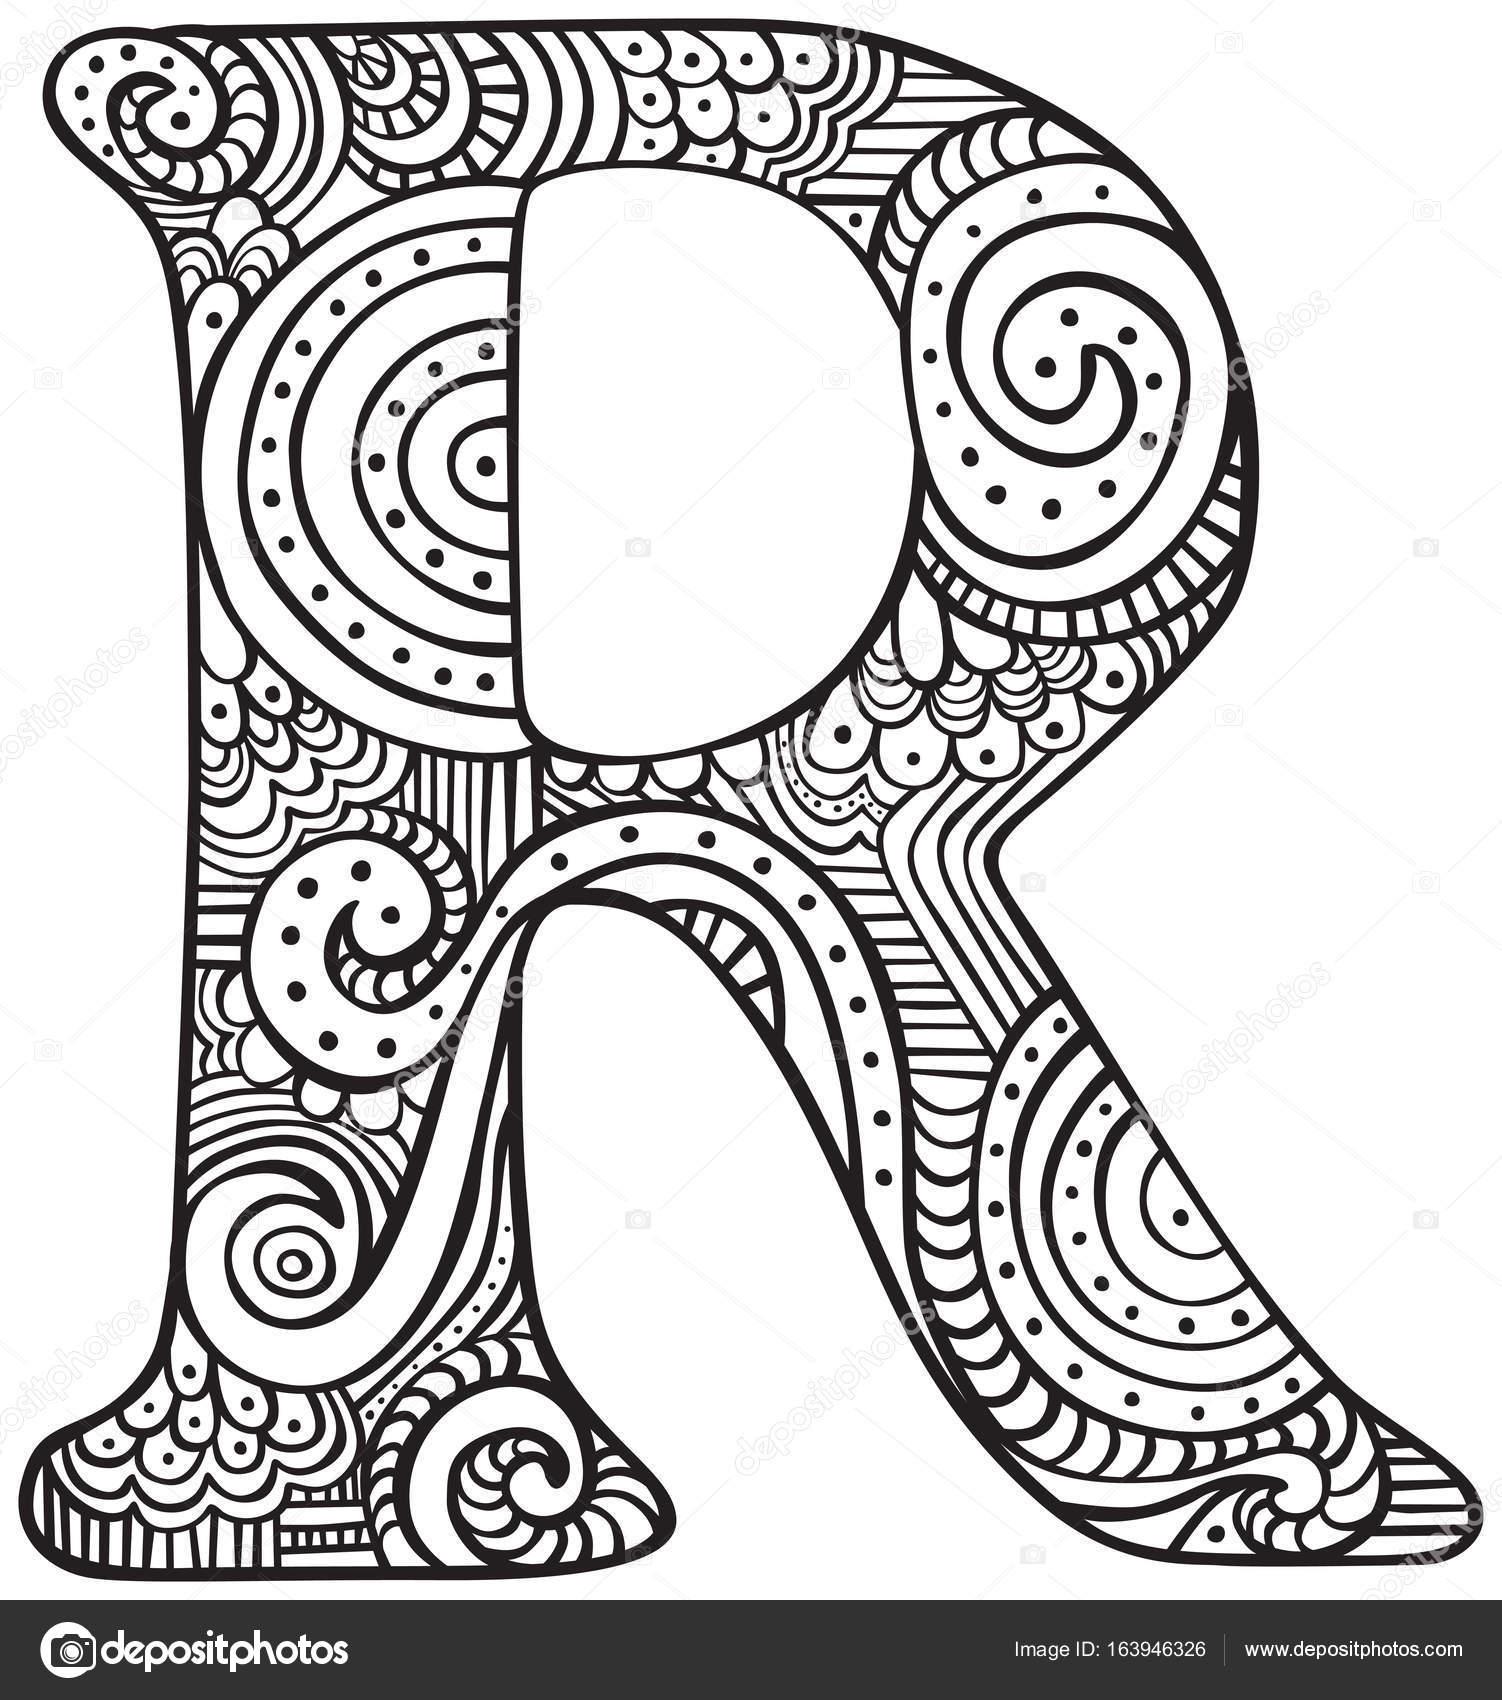 Dibujo letra R — Archivo Imágenes Vectoriales © nahhan #163946326